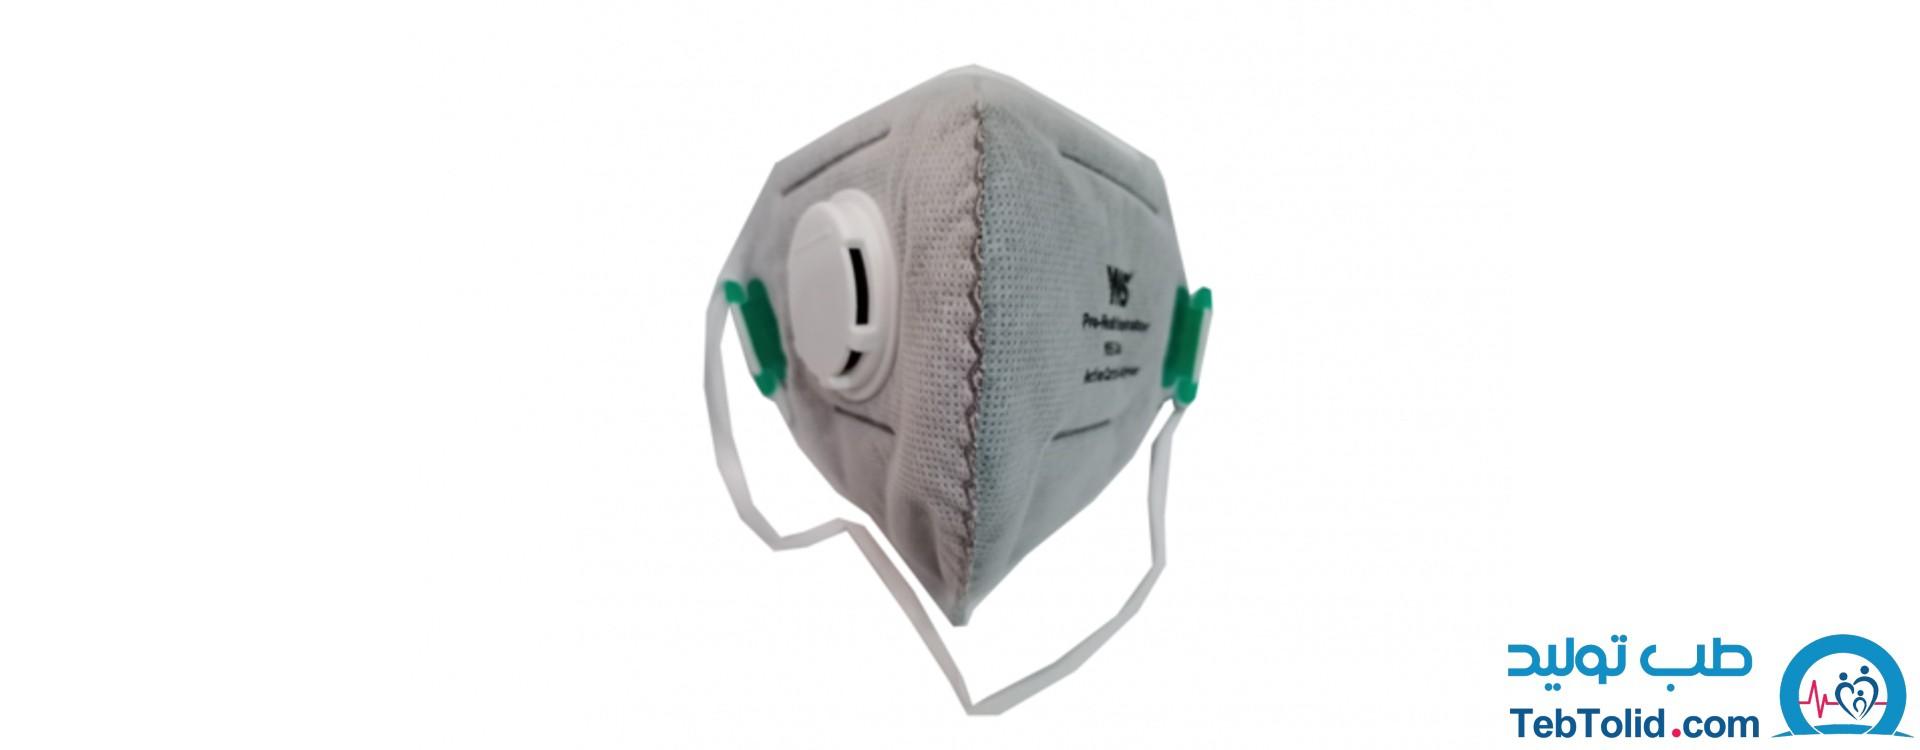 هر آنچه که باید درباره ماسک n95 بدانید!